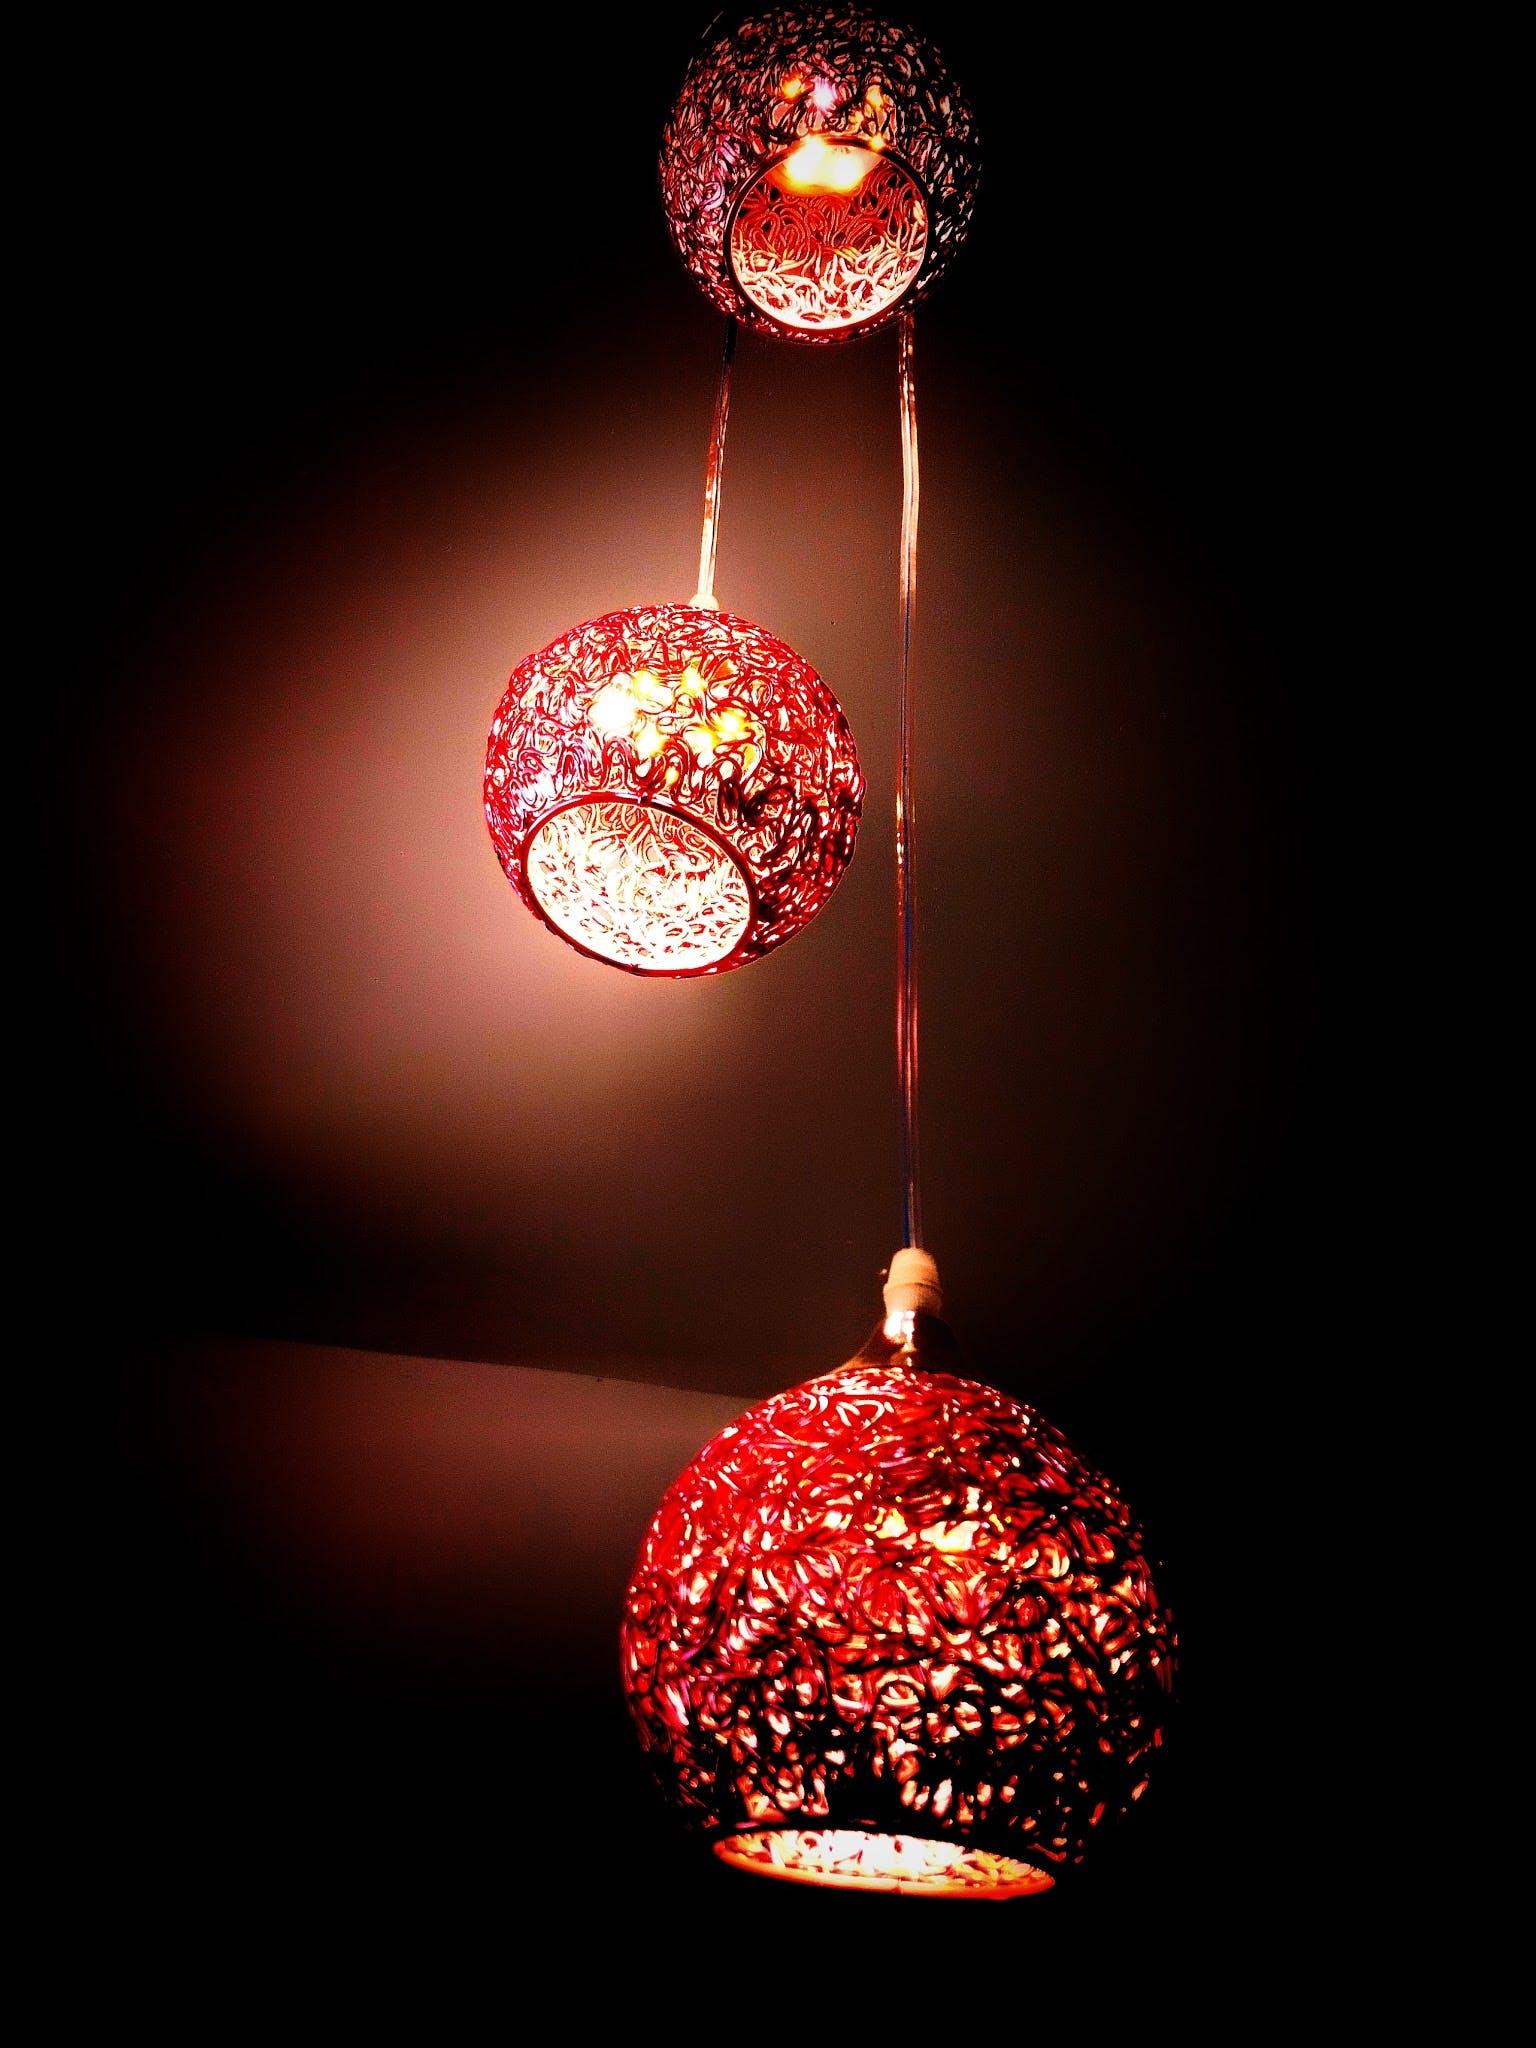 お祝い, ぶら下がり, ぼかし, ガラスアイテムの無料の写真素材